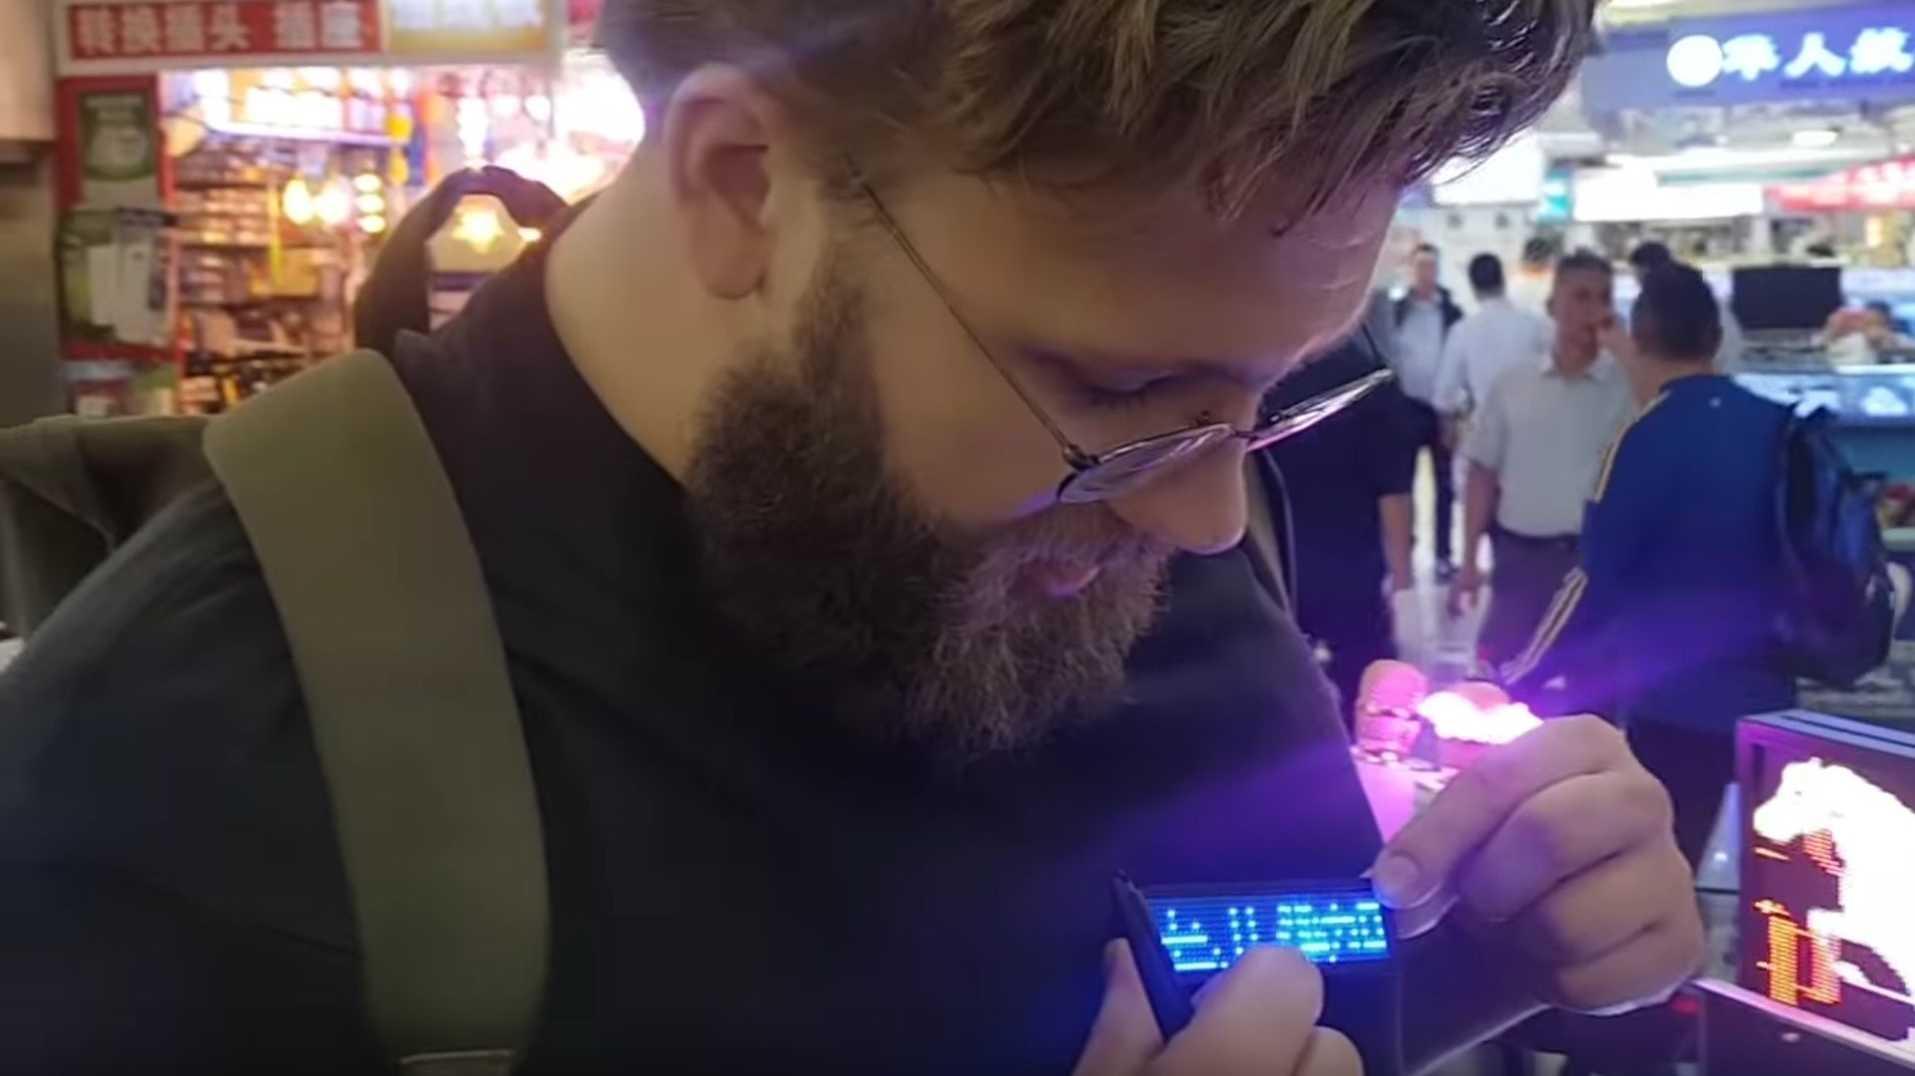 Videorundgang: Ein Besuch im größten Elektronik-Markt der Welt